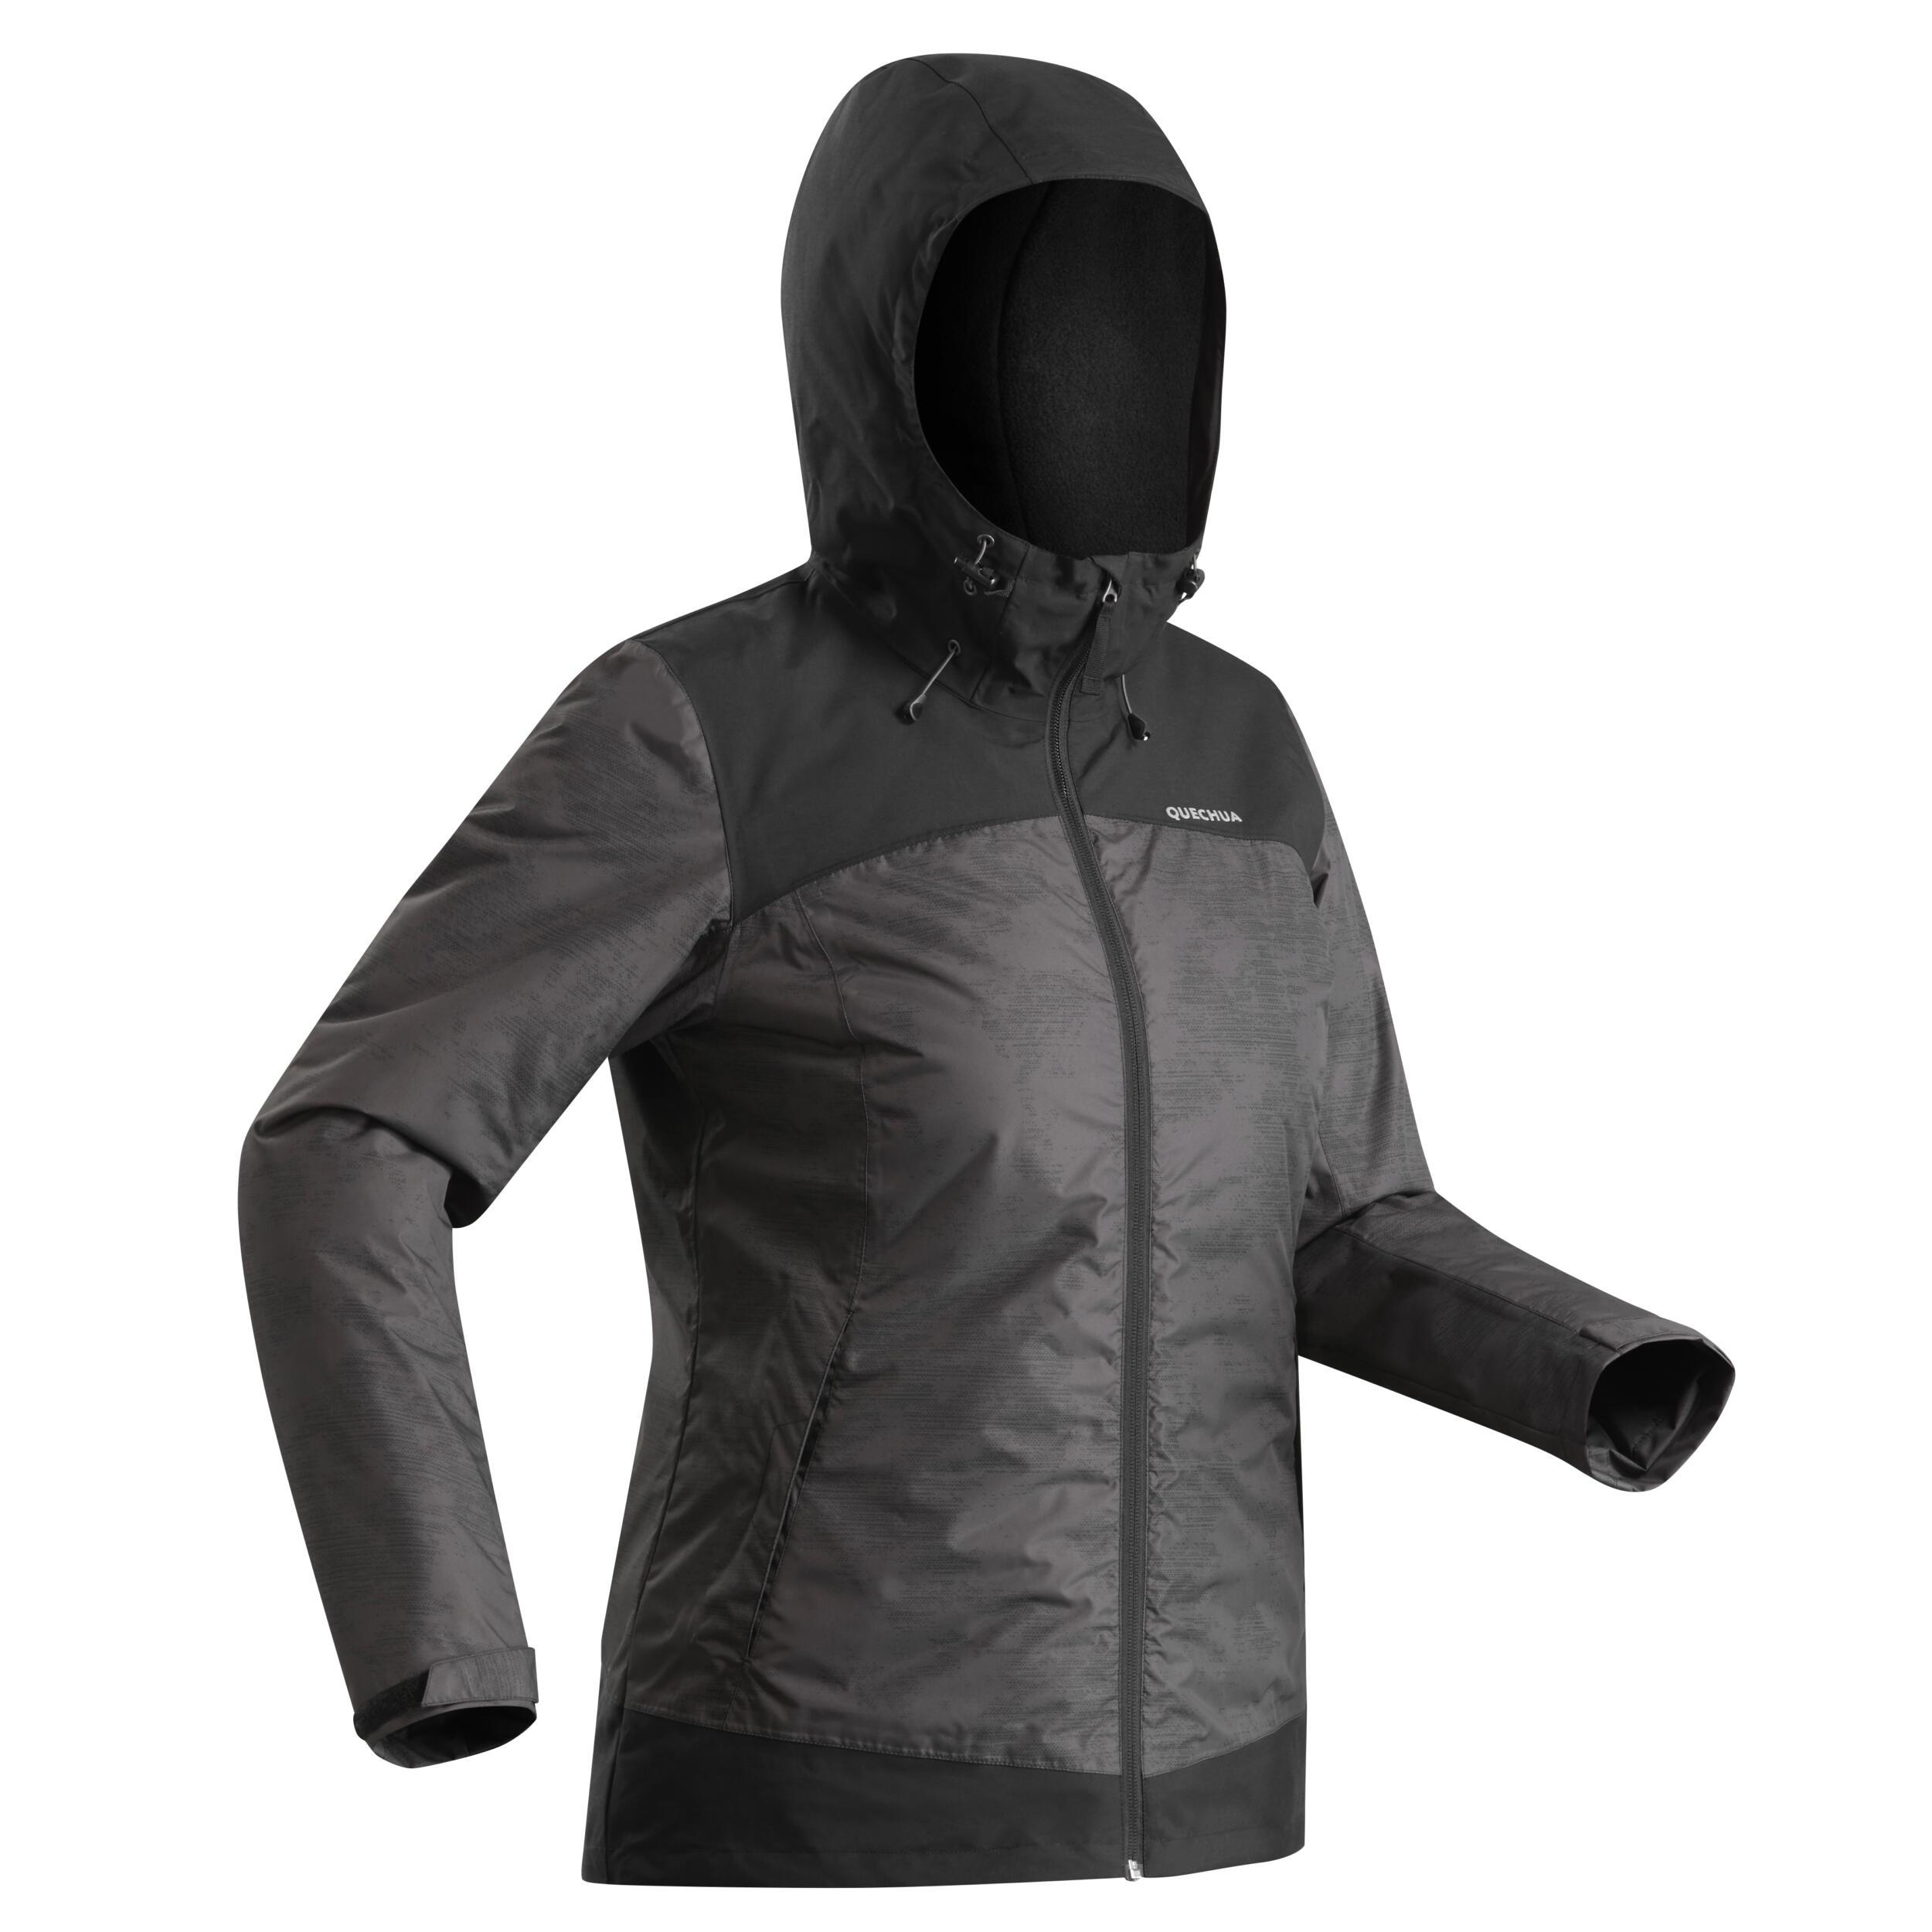 Quechua Veste chaude imperméable de randonnée neige femme SH100 x-warm noir - Quechua